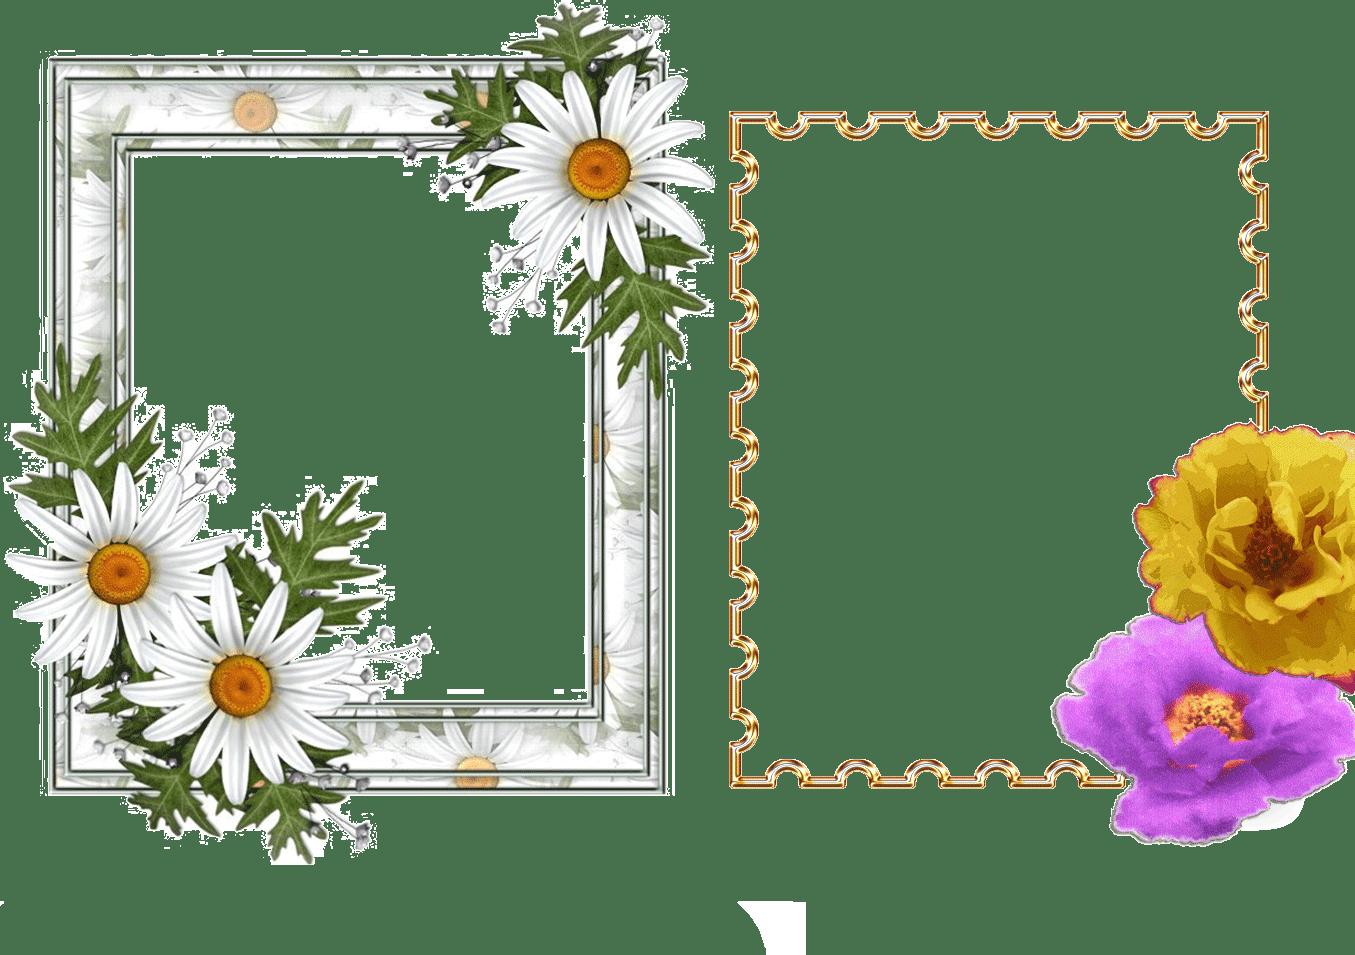 Imagenes de rosas | Imagenes y Fondos